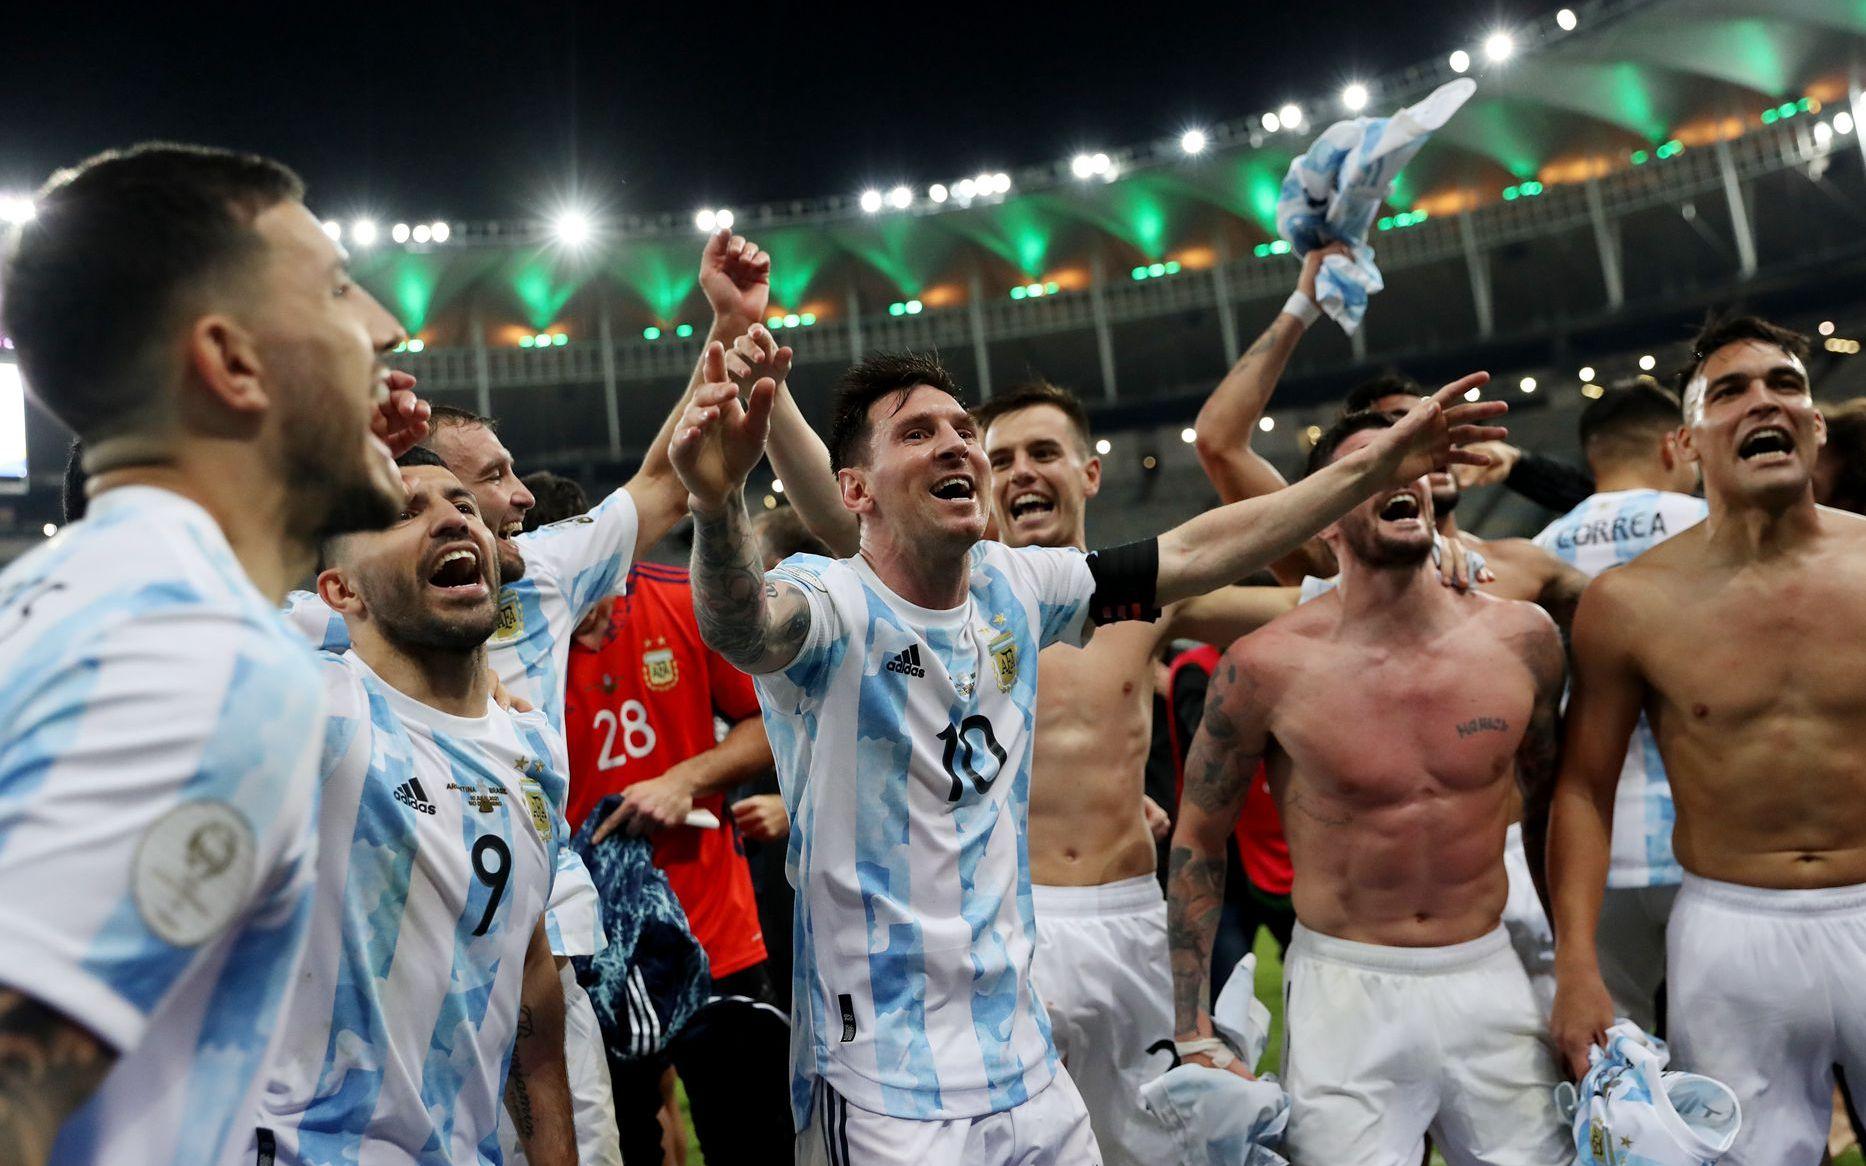 梅西世界大赛战绩一览 第10次出战终圆梦